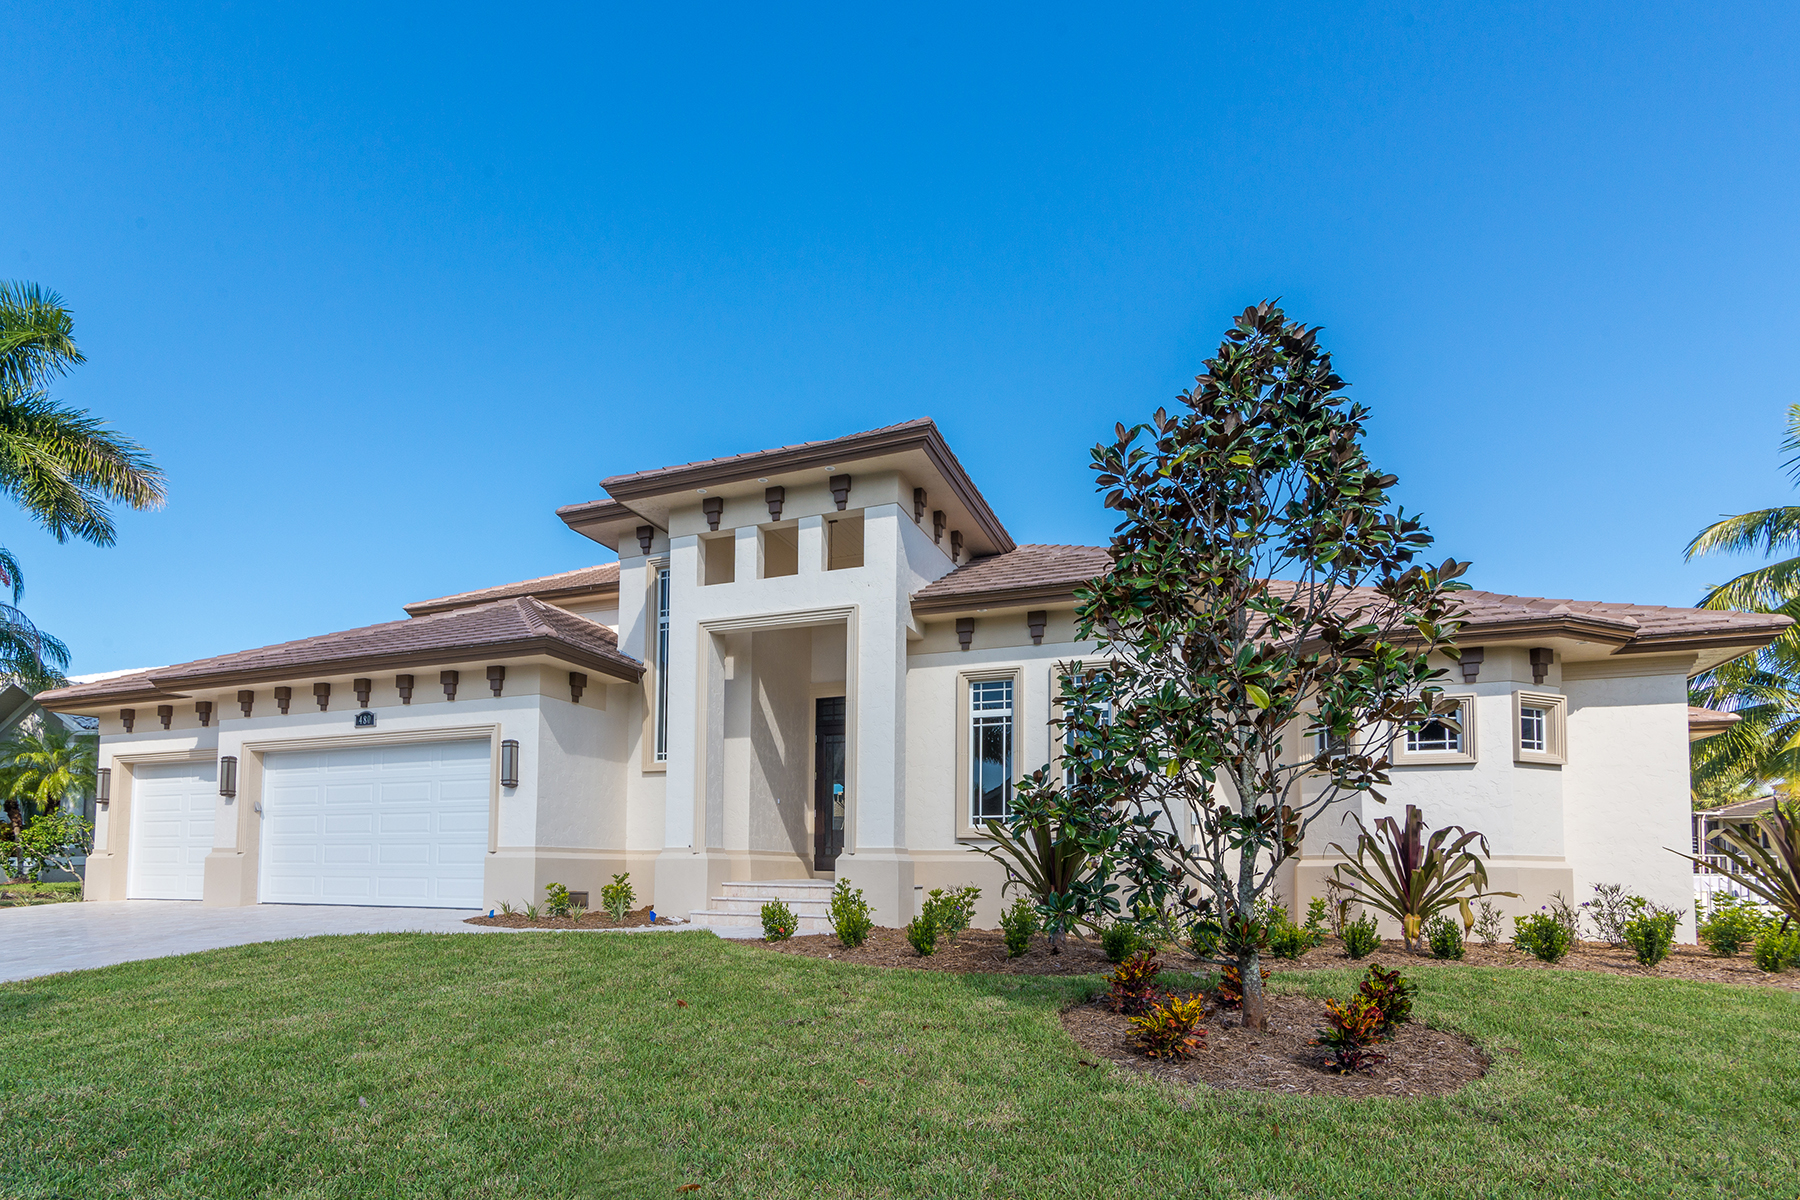 Maison unifamiliale pour l Vente à MARCO ISLAND - MAUNDER CT 480 Maunder Ct Marco Island, Florida 34145 États-Unis